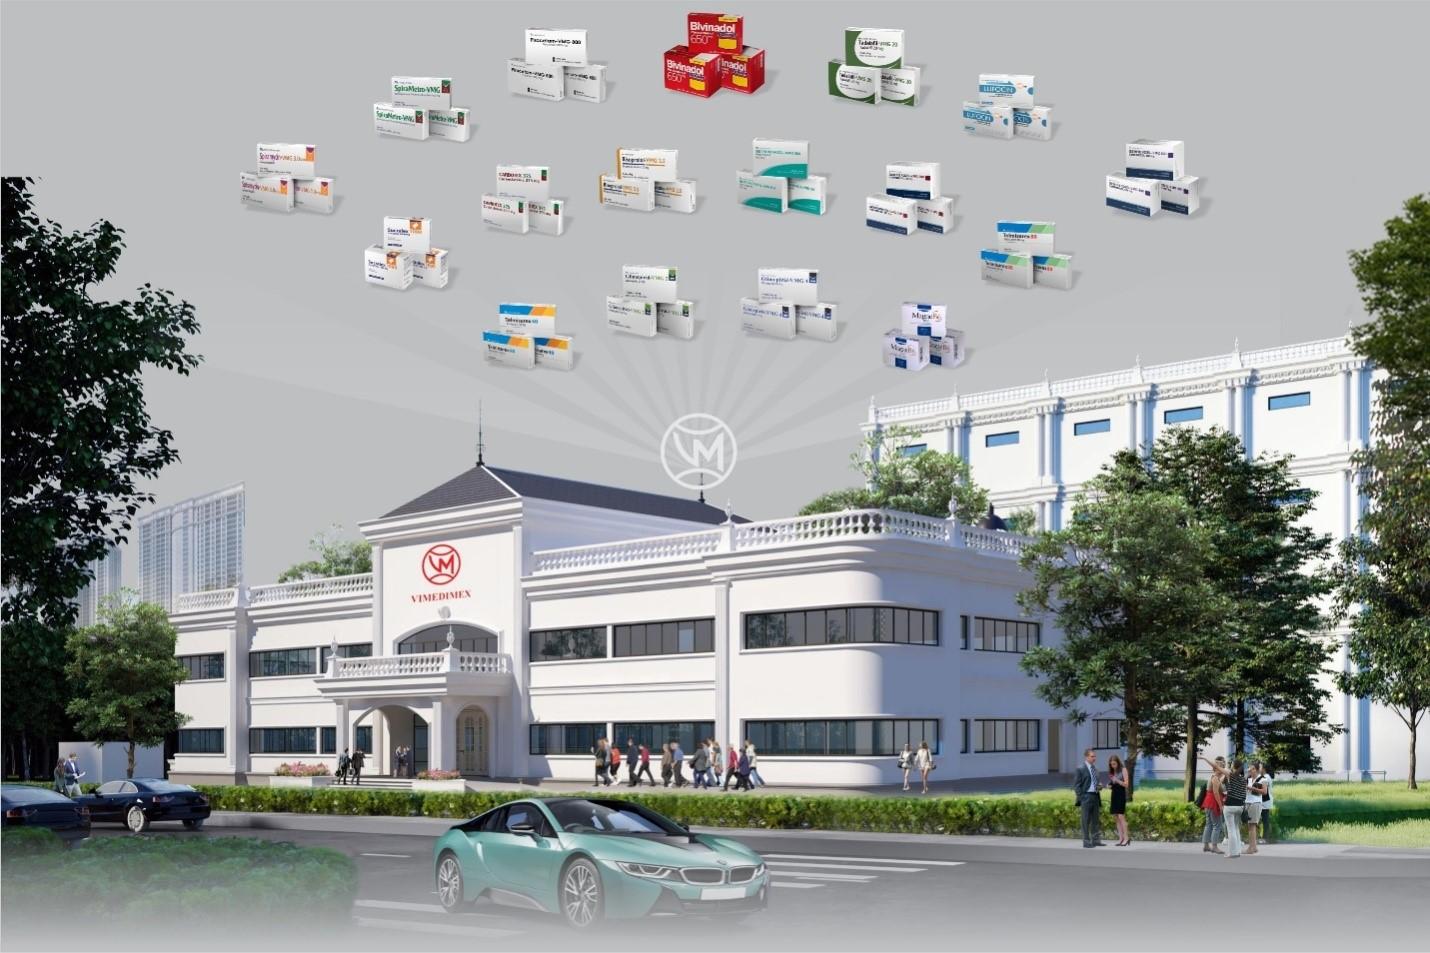 Video – Khai trương trung tâm phân phối dược phẩm Vimedimex và Khánh thành nhà máy sản xuất Thuốc Tân Dược giai đoạn Iáy giai đoạn I